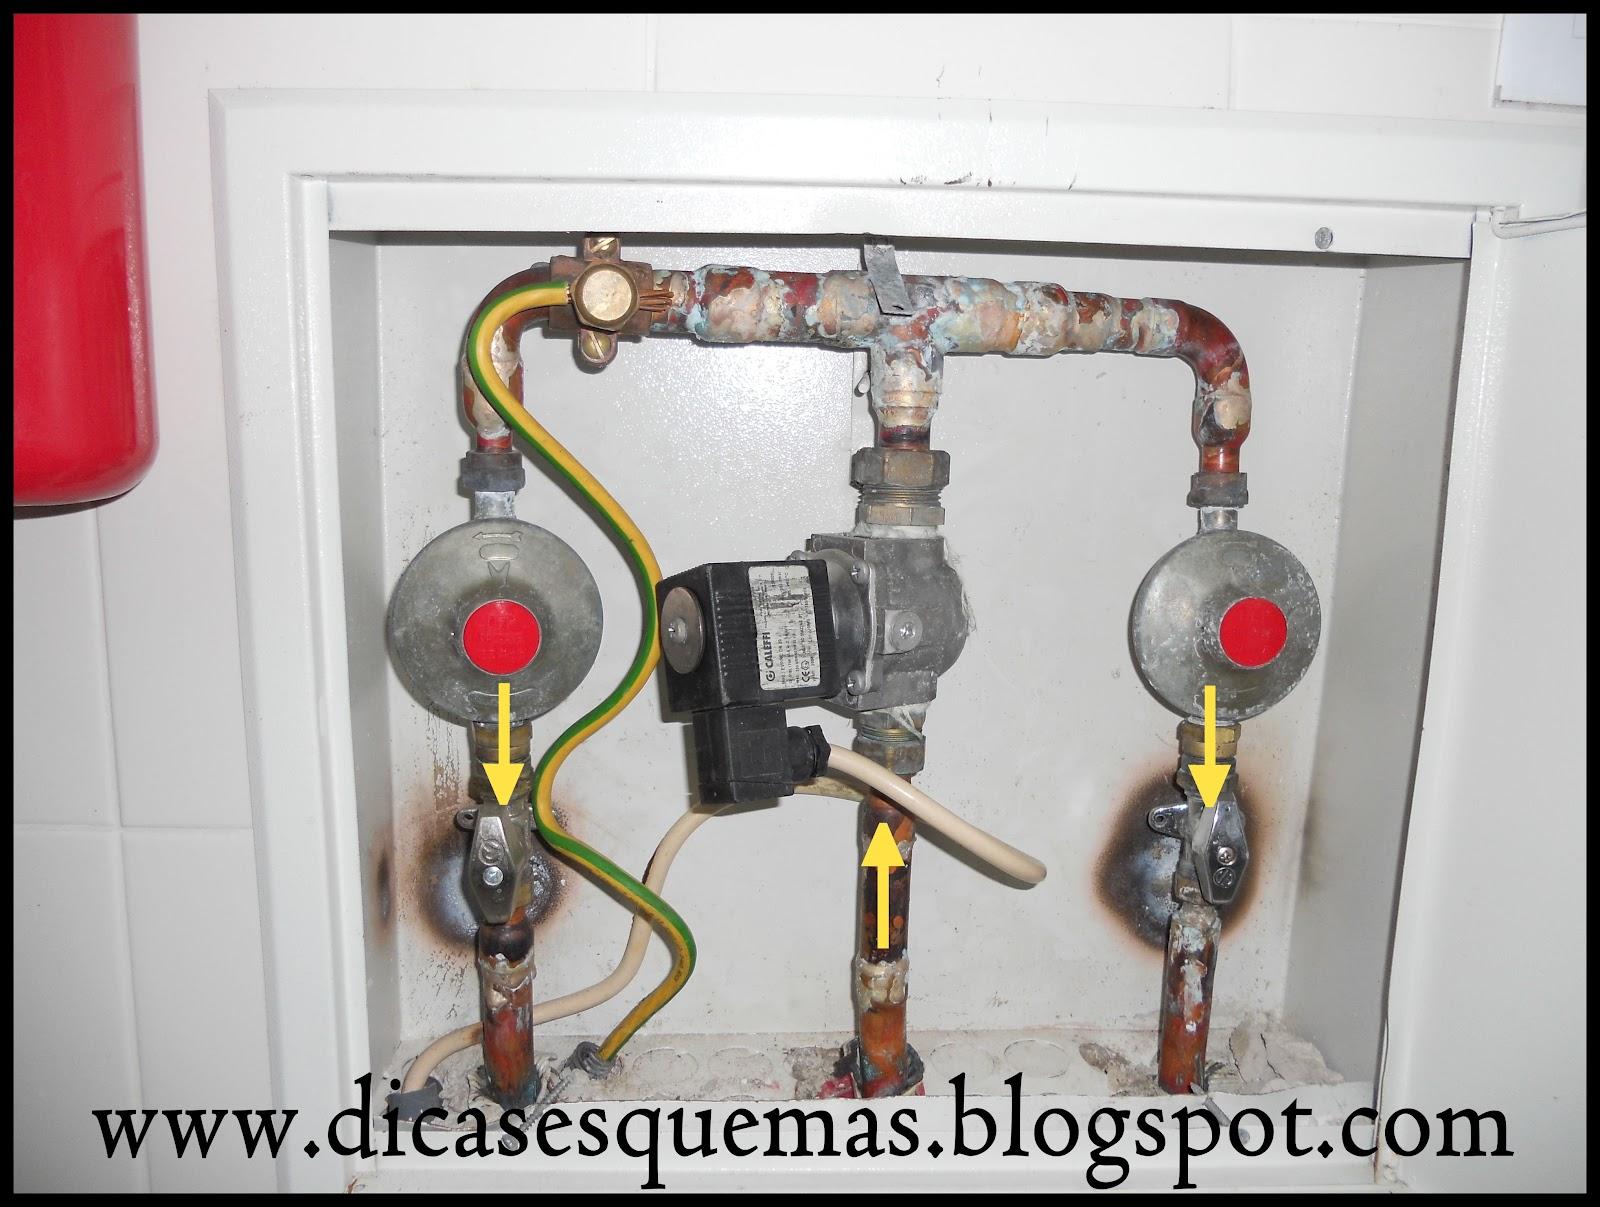 #BCA10F Dicas & esquemas.: O BOM E O MAU EXEMPLO DE UM COLETOR DE GÁS . 1600x1207 px Projeto De Gas Para Cozinha Industrial_4821 Imagens